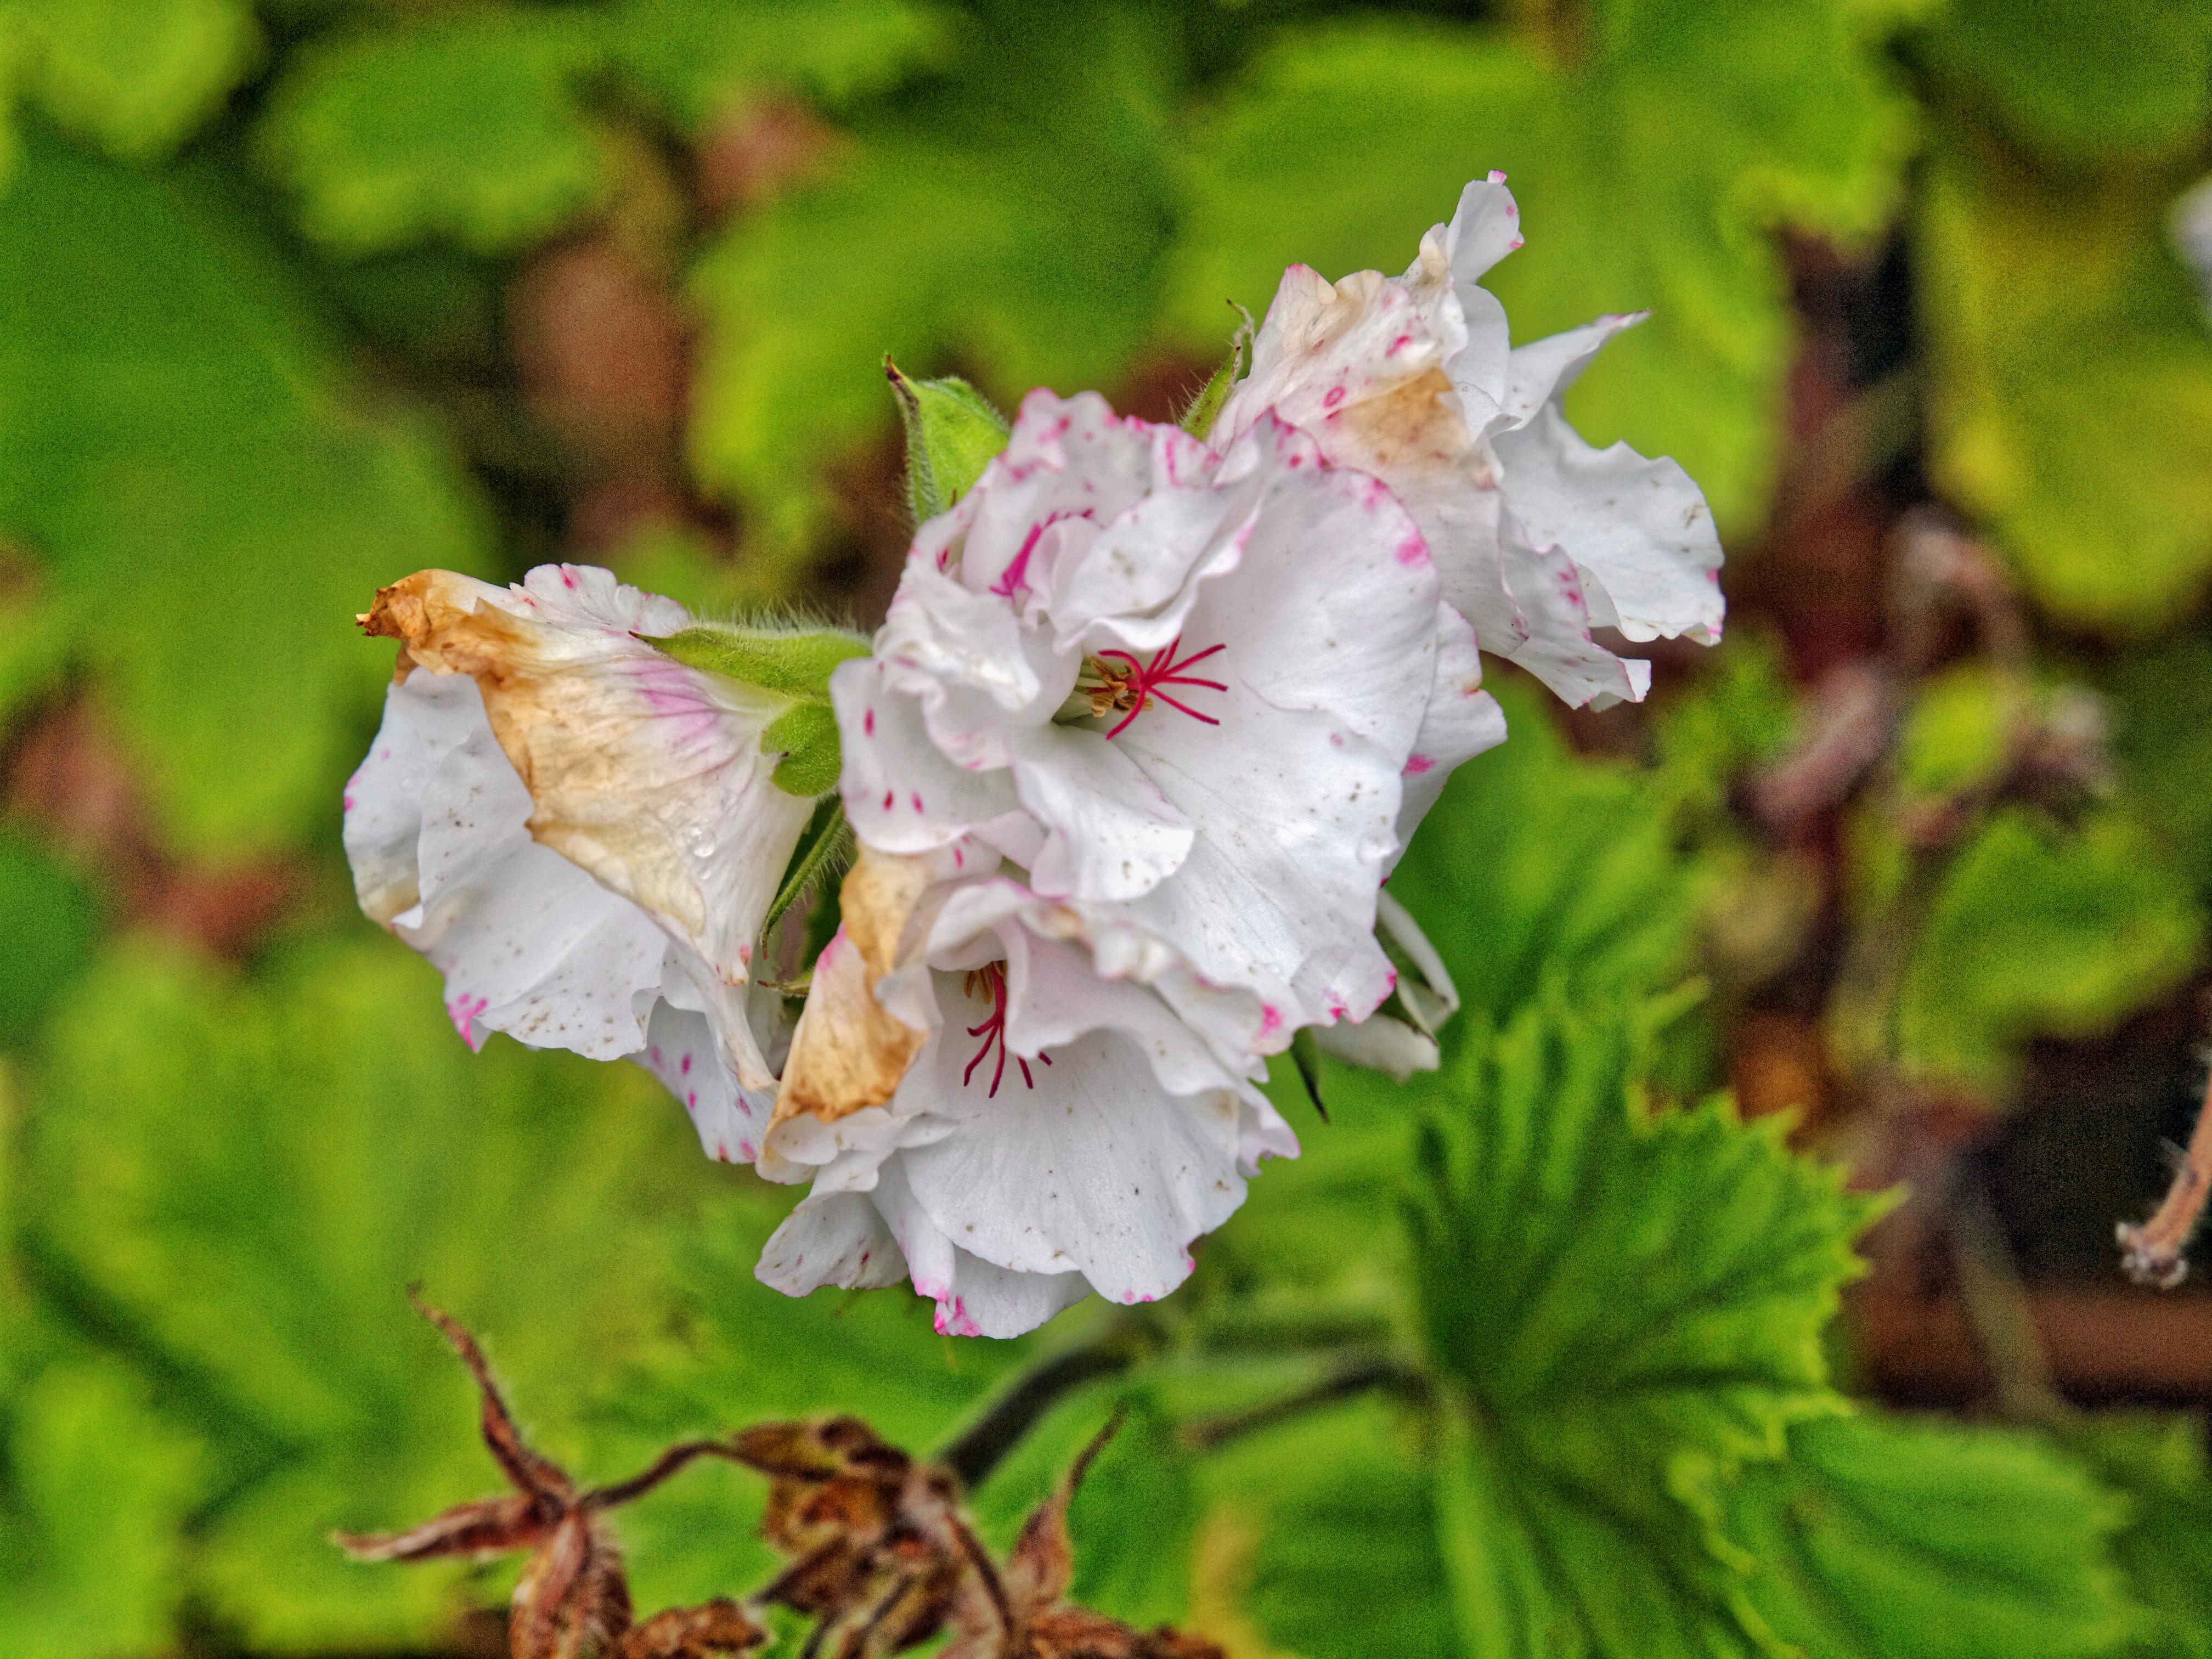 Pelargonium-rhodo.jpeg